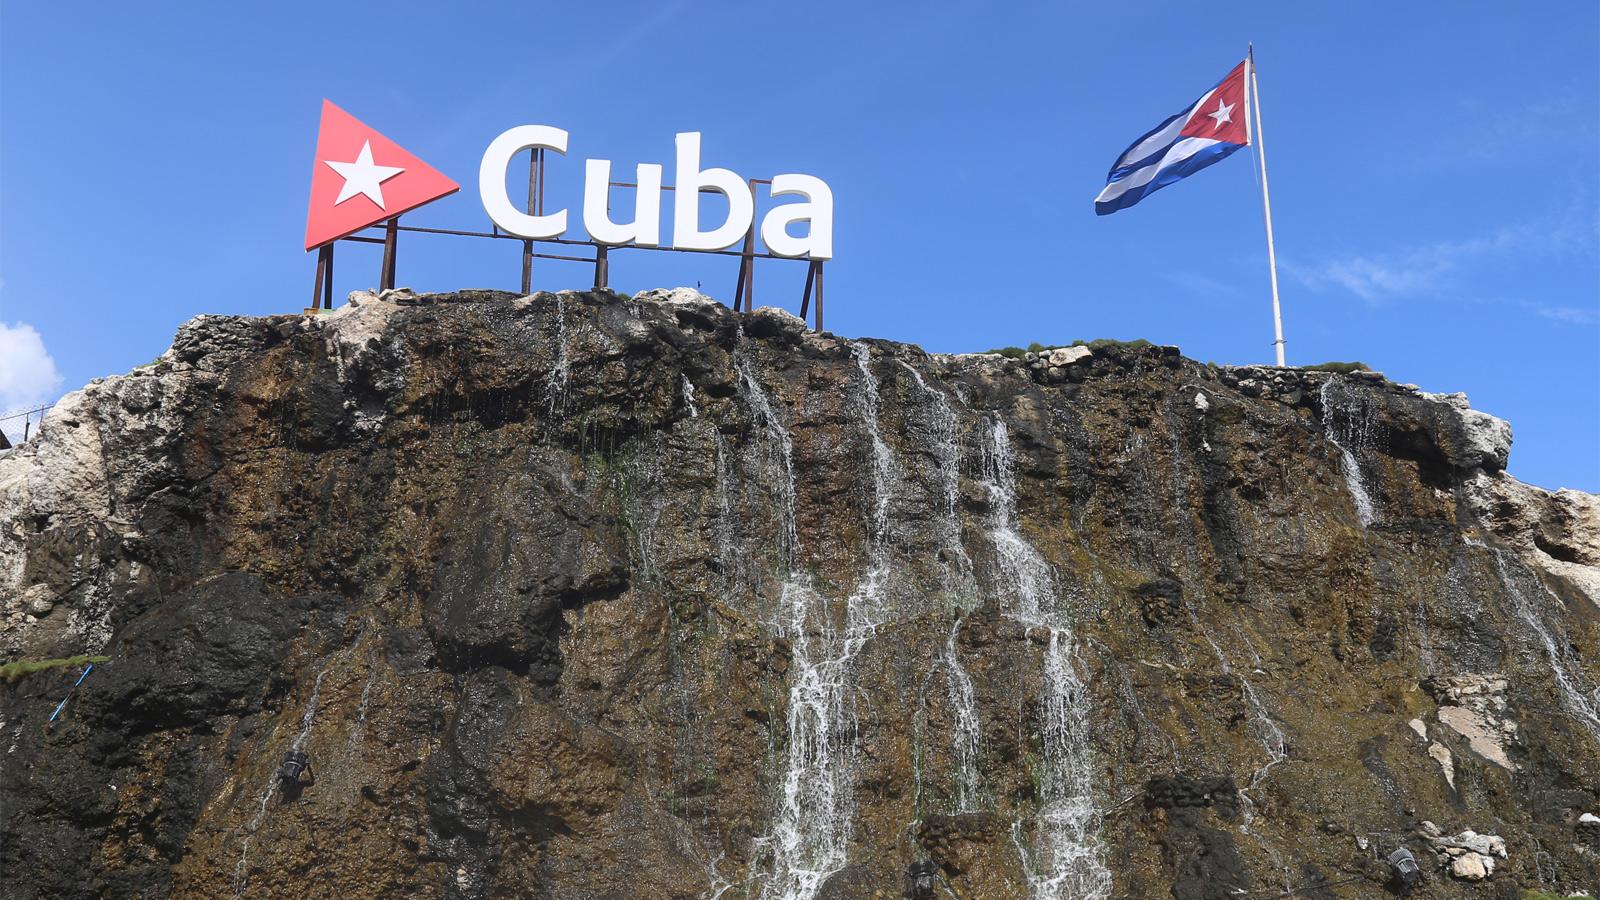 Waterfall at the Hotel Nacional de Cuba, Havana, Cuba